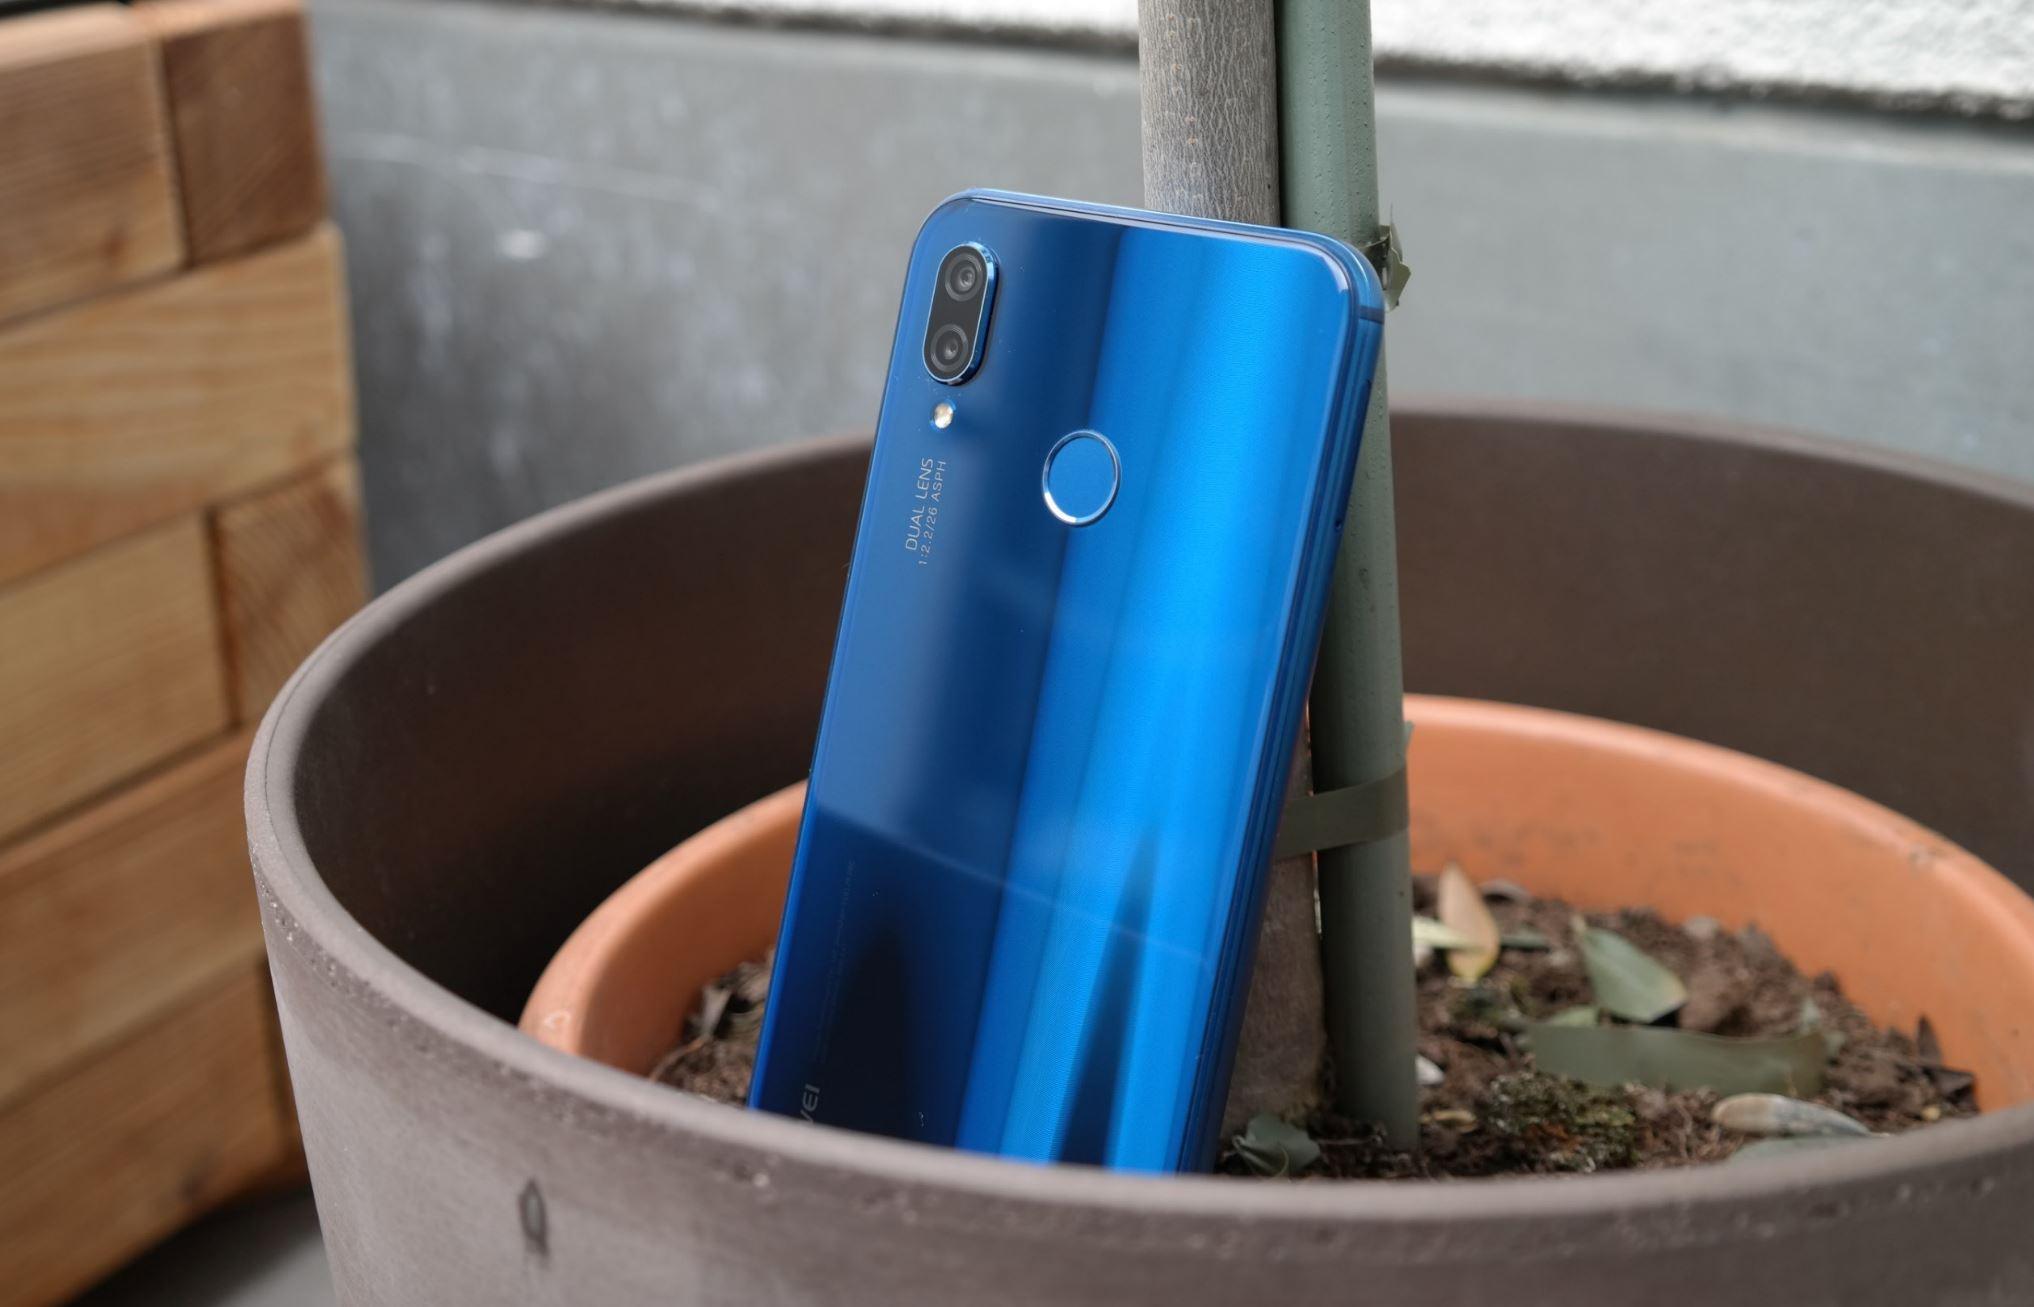 Tech-Angebote bei Cyberport: Darunter das Huawei P20 Lite und andere Android-Smartphones